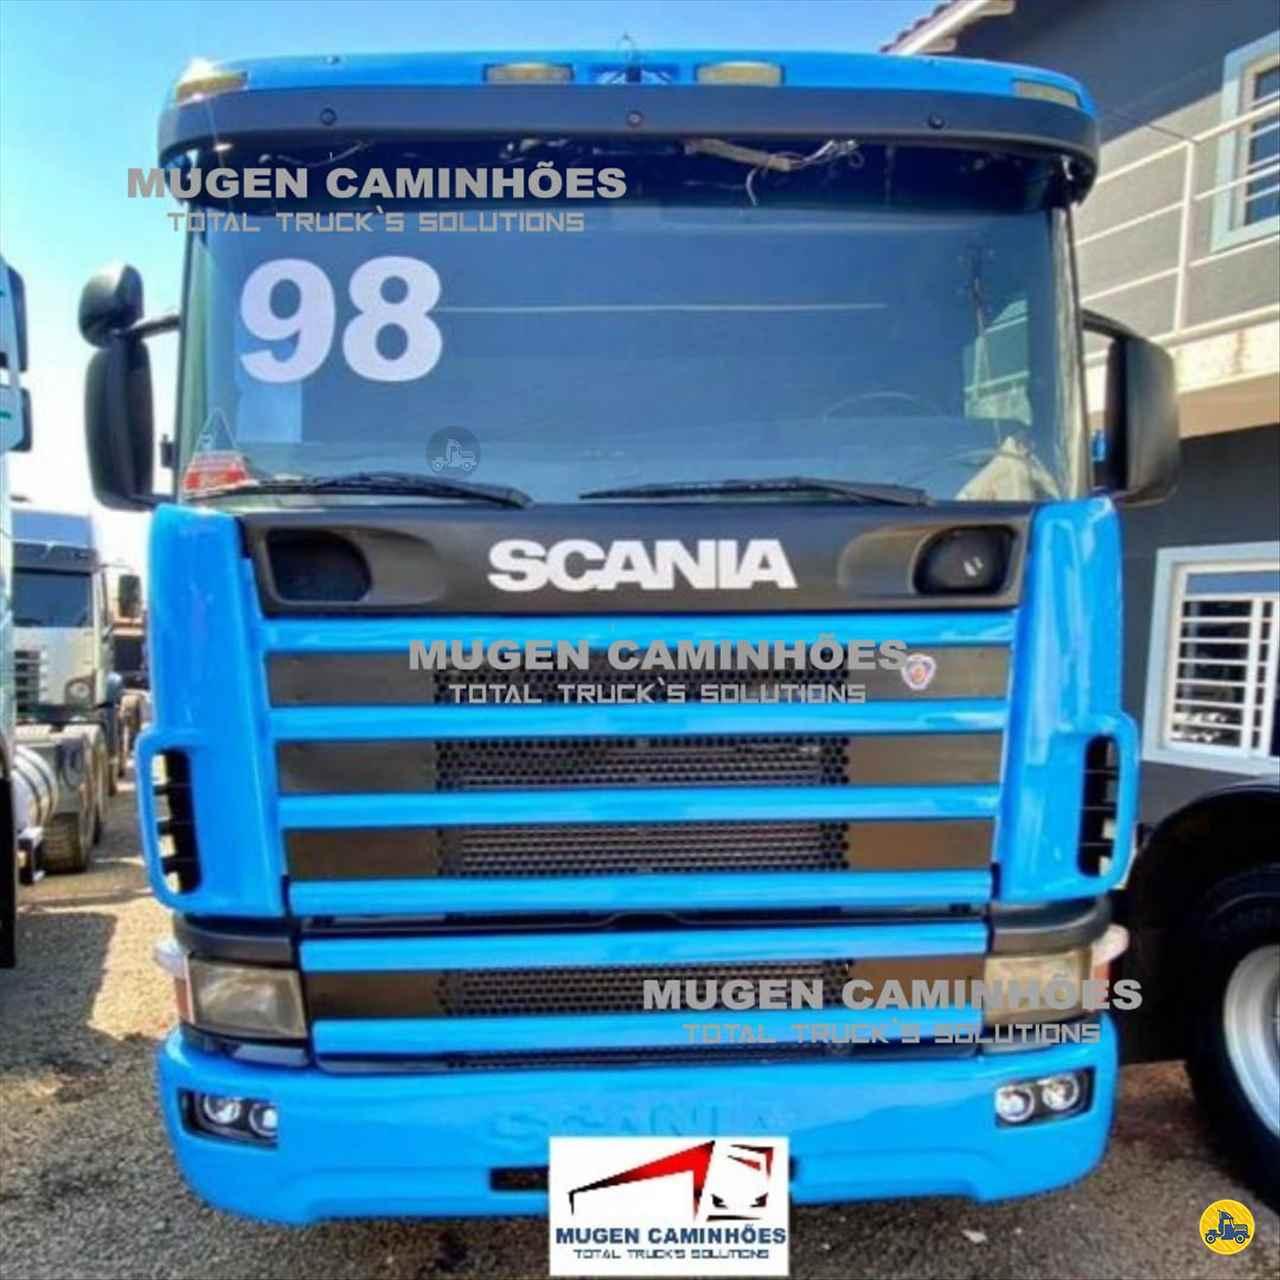 CAMINHAO SCANIA SCANIA 124 360 Chassis Toco 4x2 Mugen Caminhões GUARULHOS SÃO PAULO SP